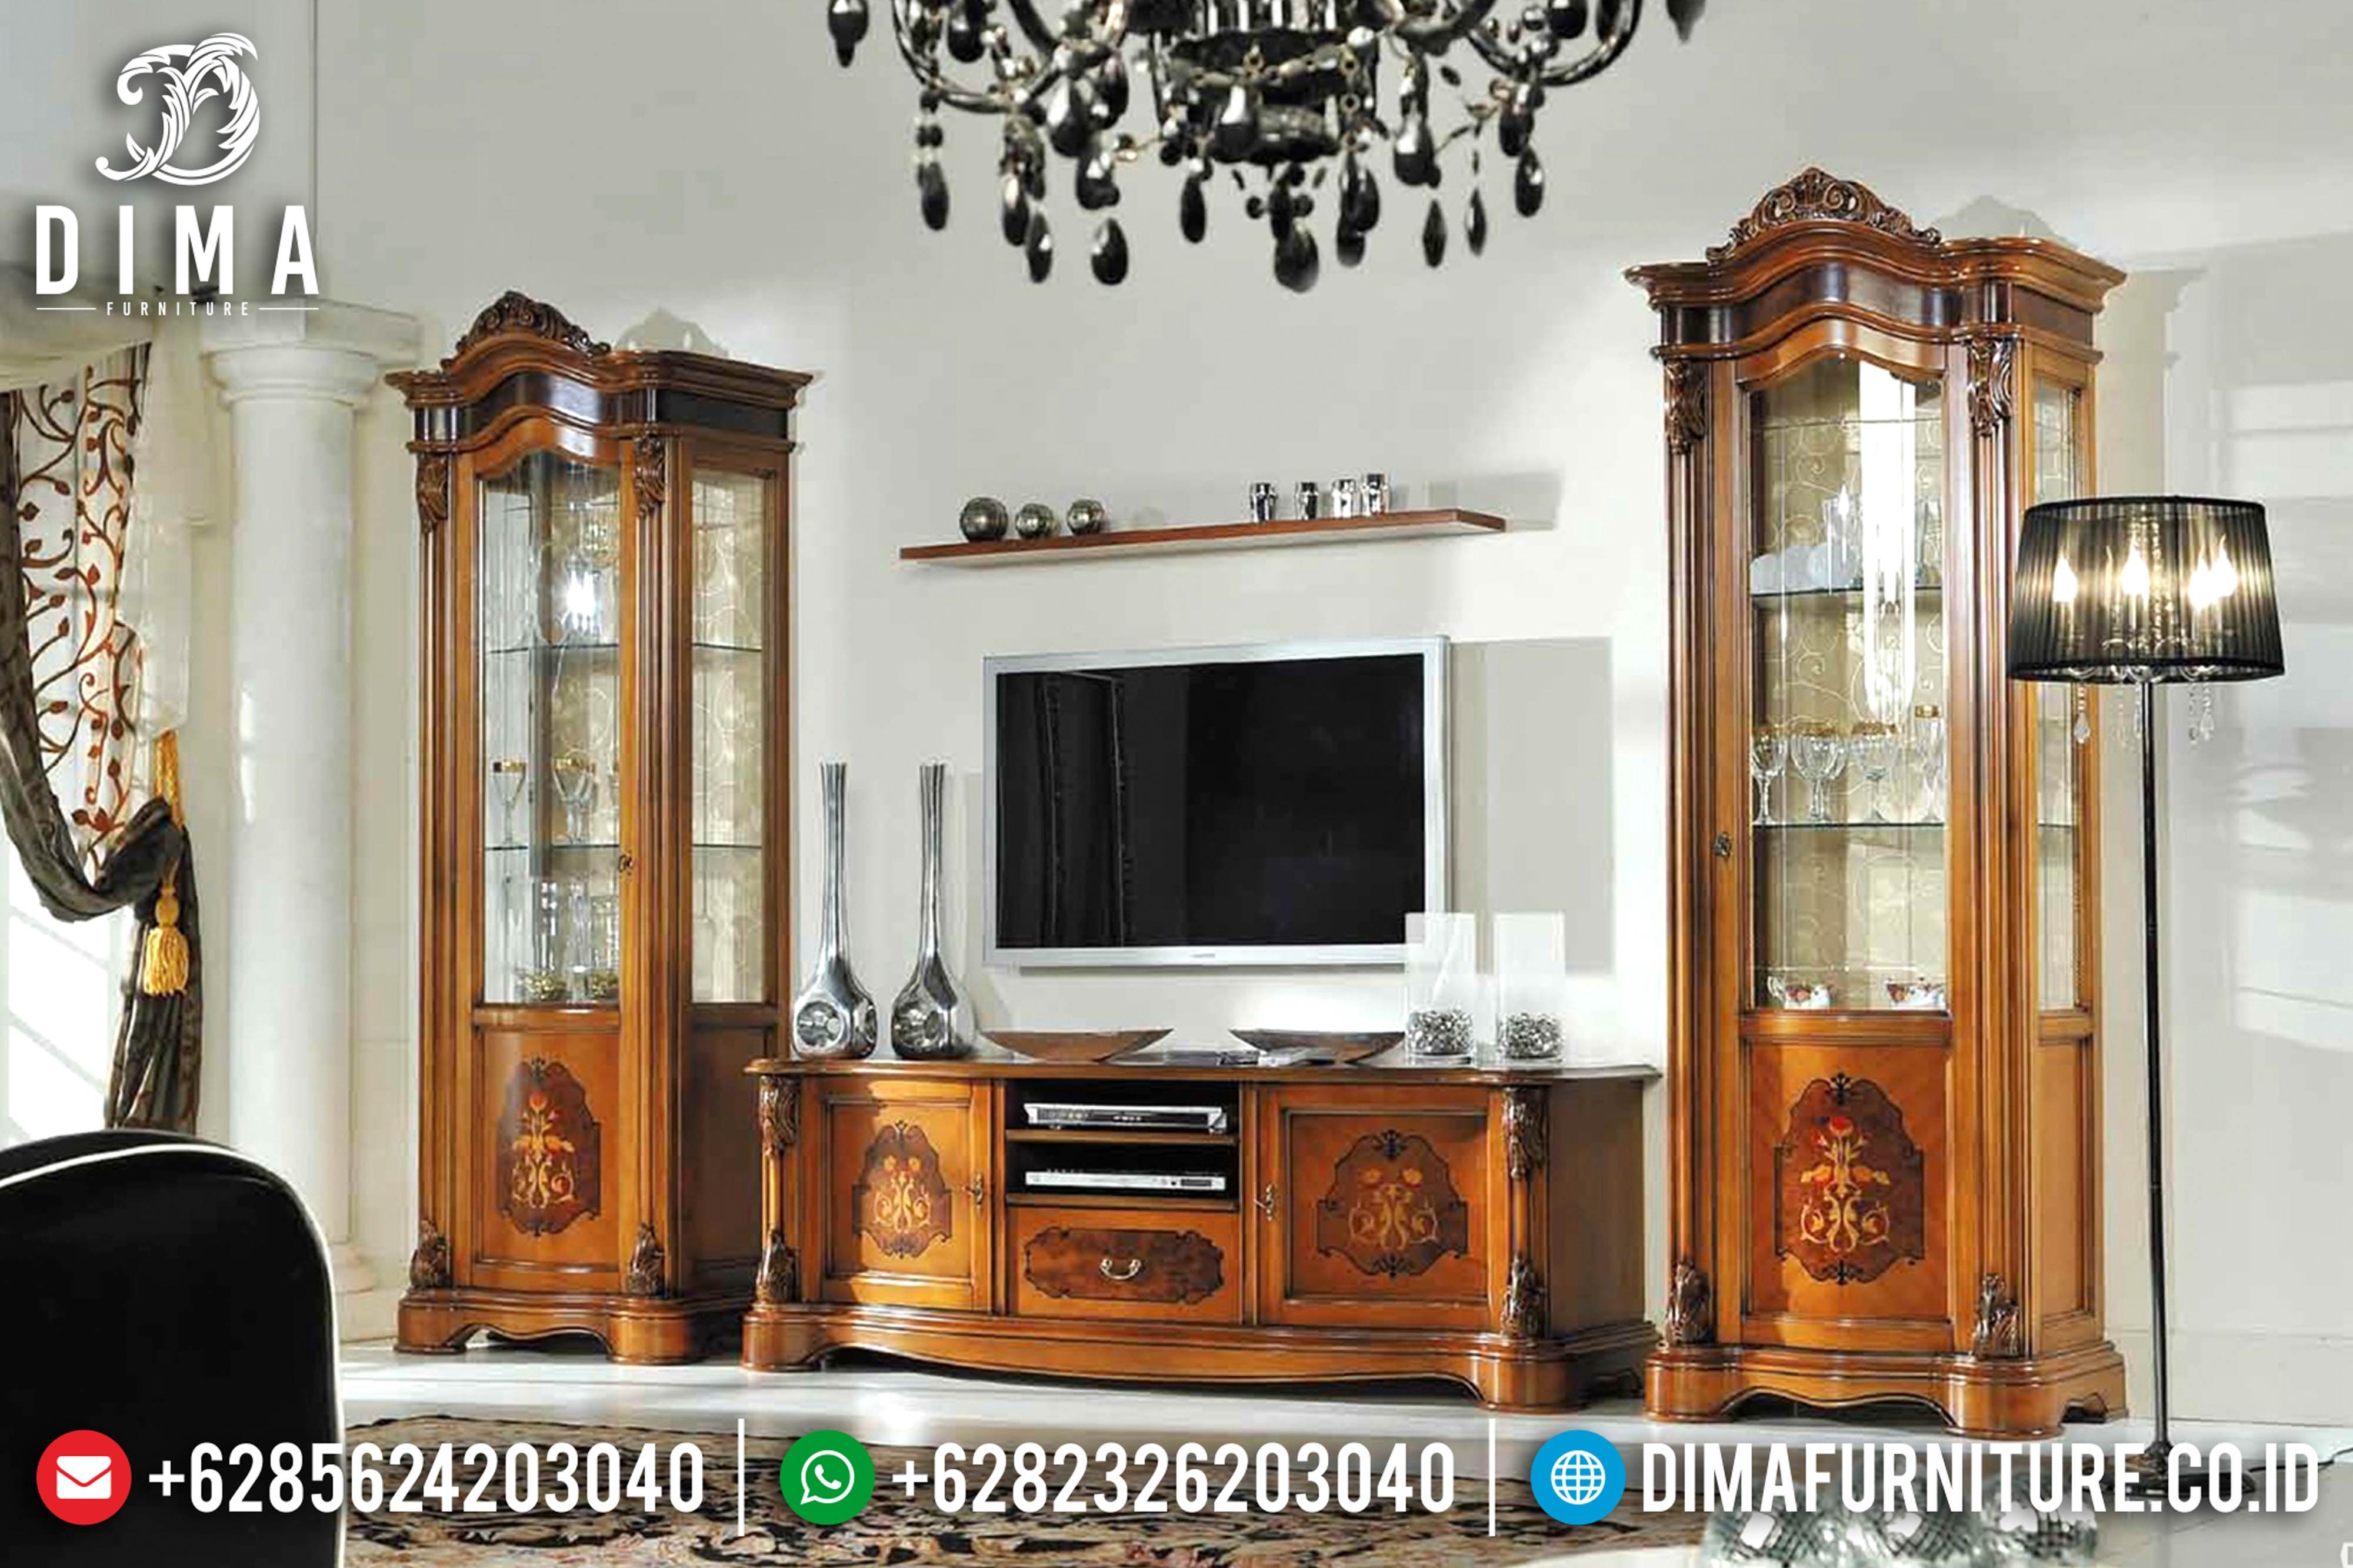 Jual 1 Set Bufet TV Jepara Mewah Minimalis Jati TPK Terbaru Luigi DF-0598